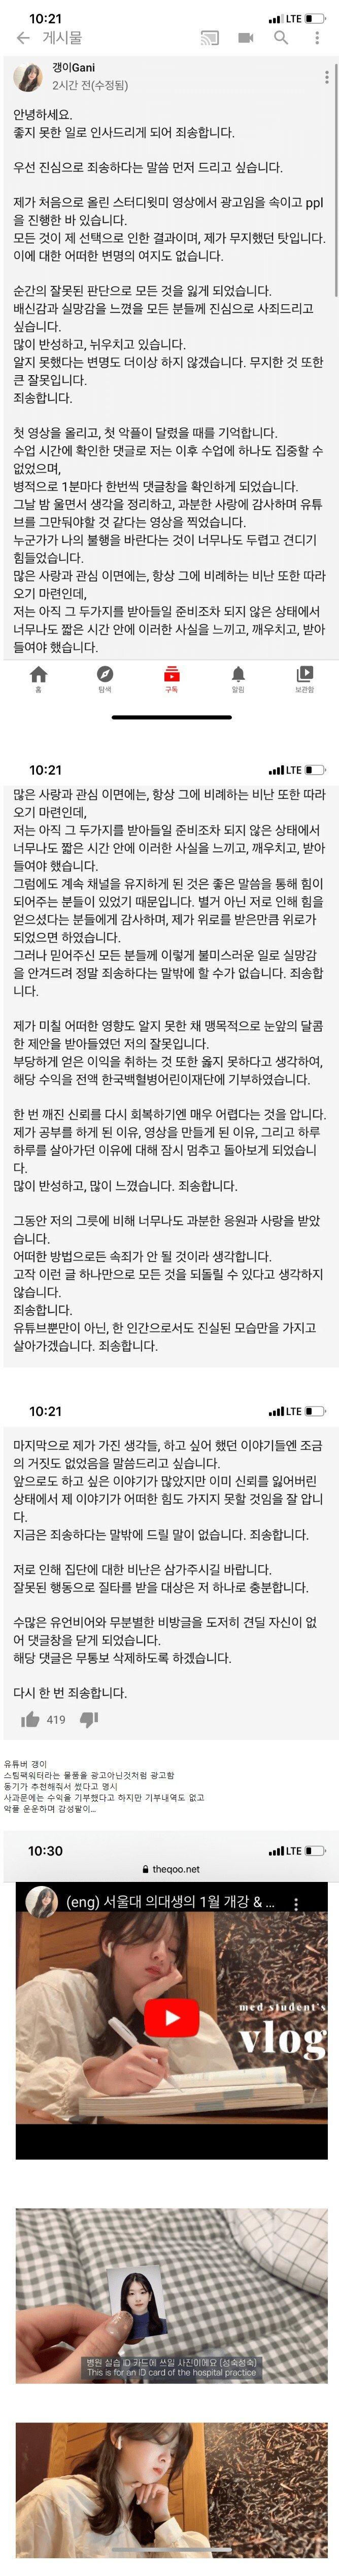 1596809036589915.jpg 뒷광고 사죄글 올리는 서울대 의대녀.jpg